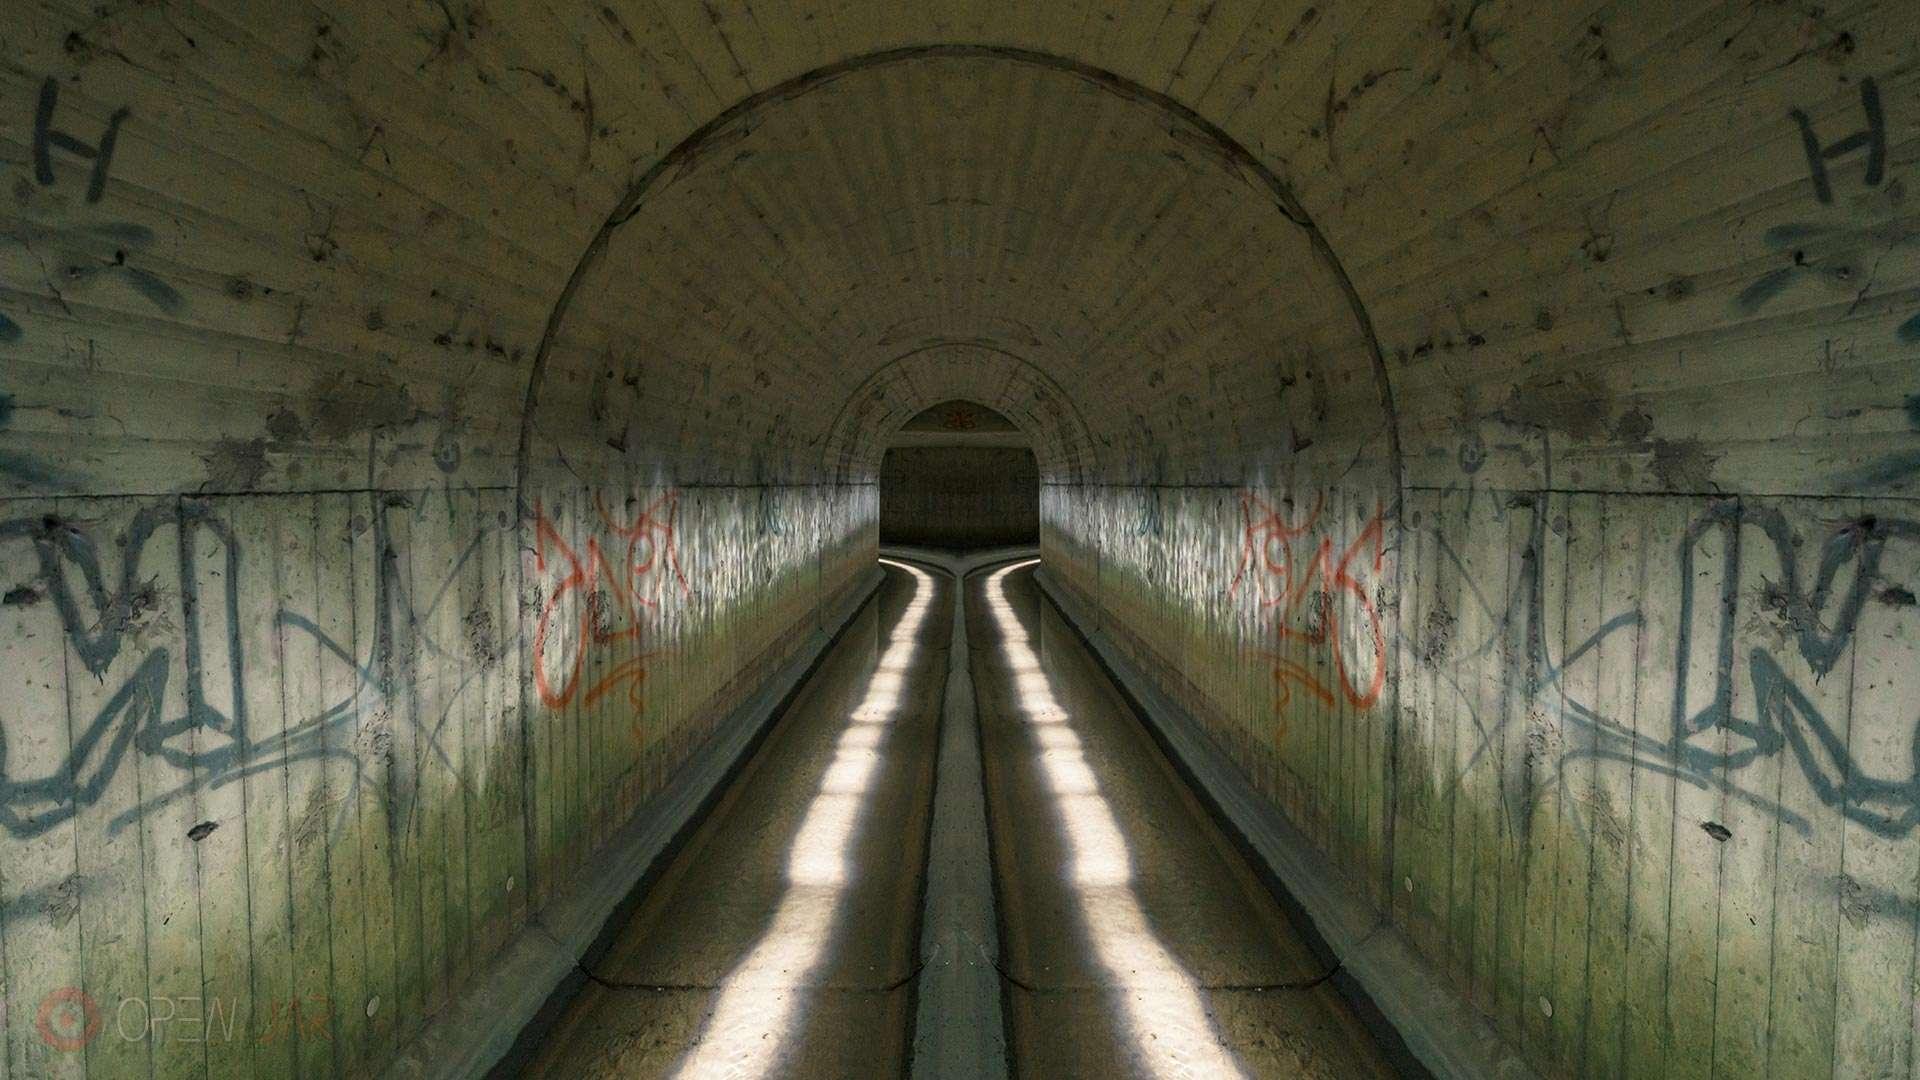 Ein Tunnel der Kanalisation wird durch Wasserspiegelung mit Licht angemalt